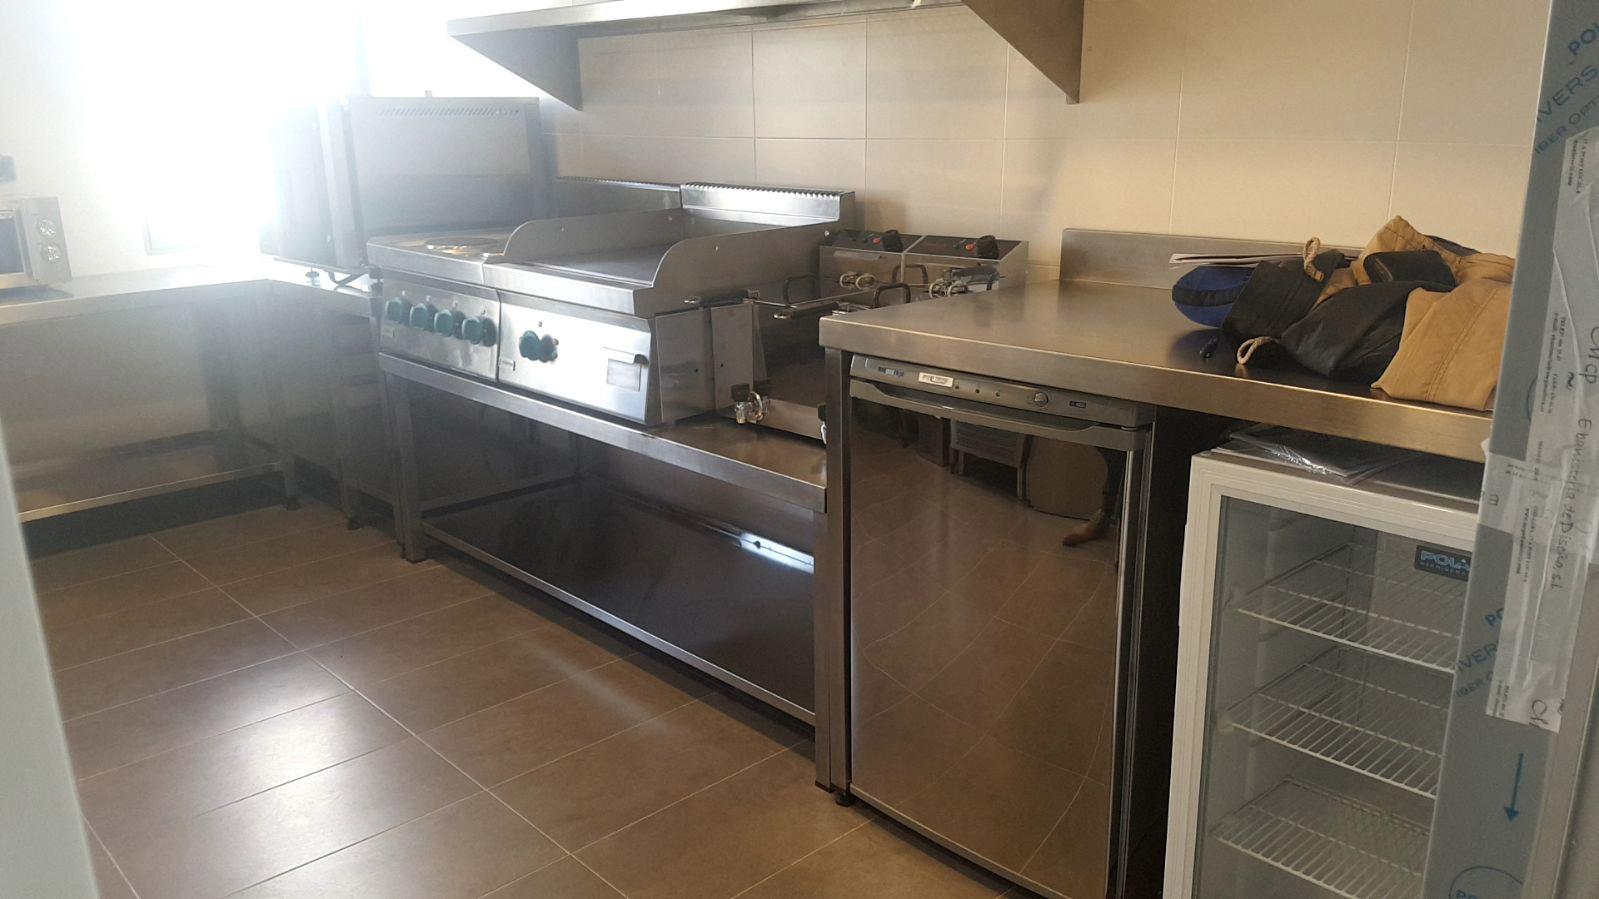 Dise o fabricaci n y montaje de cocina industrial del - Cocinas industriales de segunda mano ...